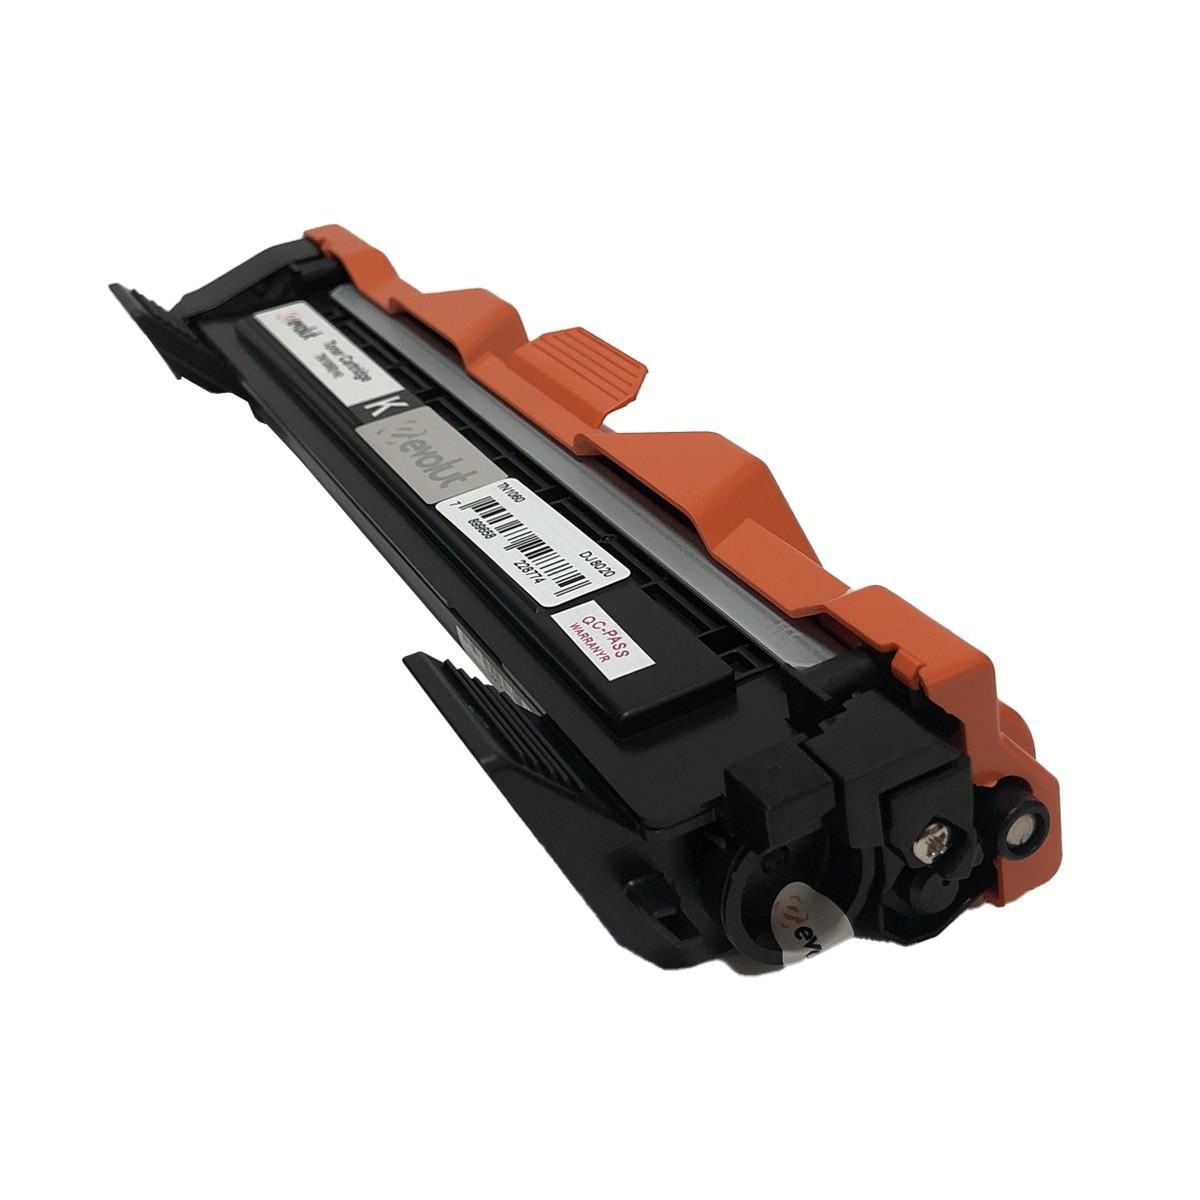 Toner Evolut TN1060 Compatível com HL-1212W DCP-1612 1510R da Brother